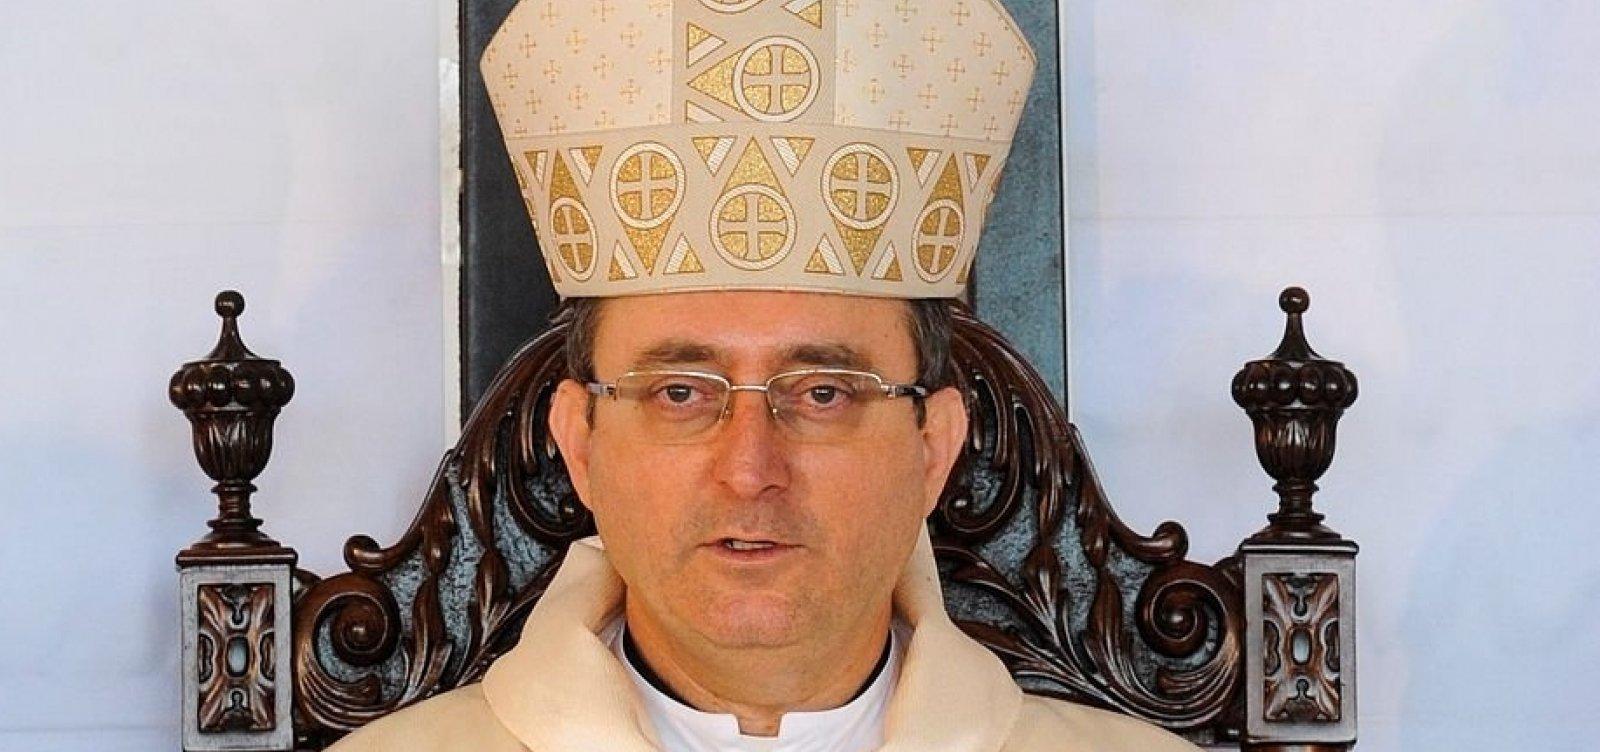 [Cardeal Sérgio da Rocha toma posse como arcebispo de Salvador e primaz do Brasil nesta sexta]